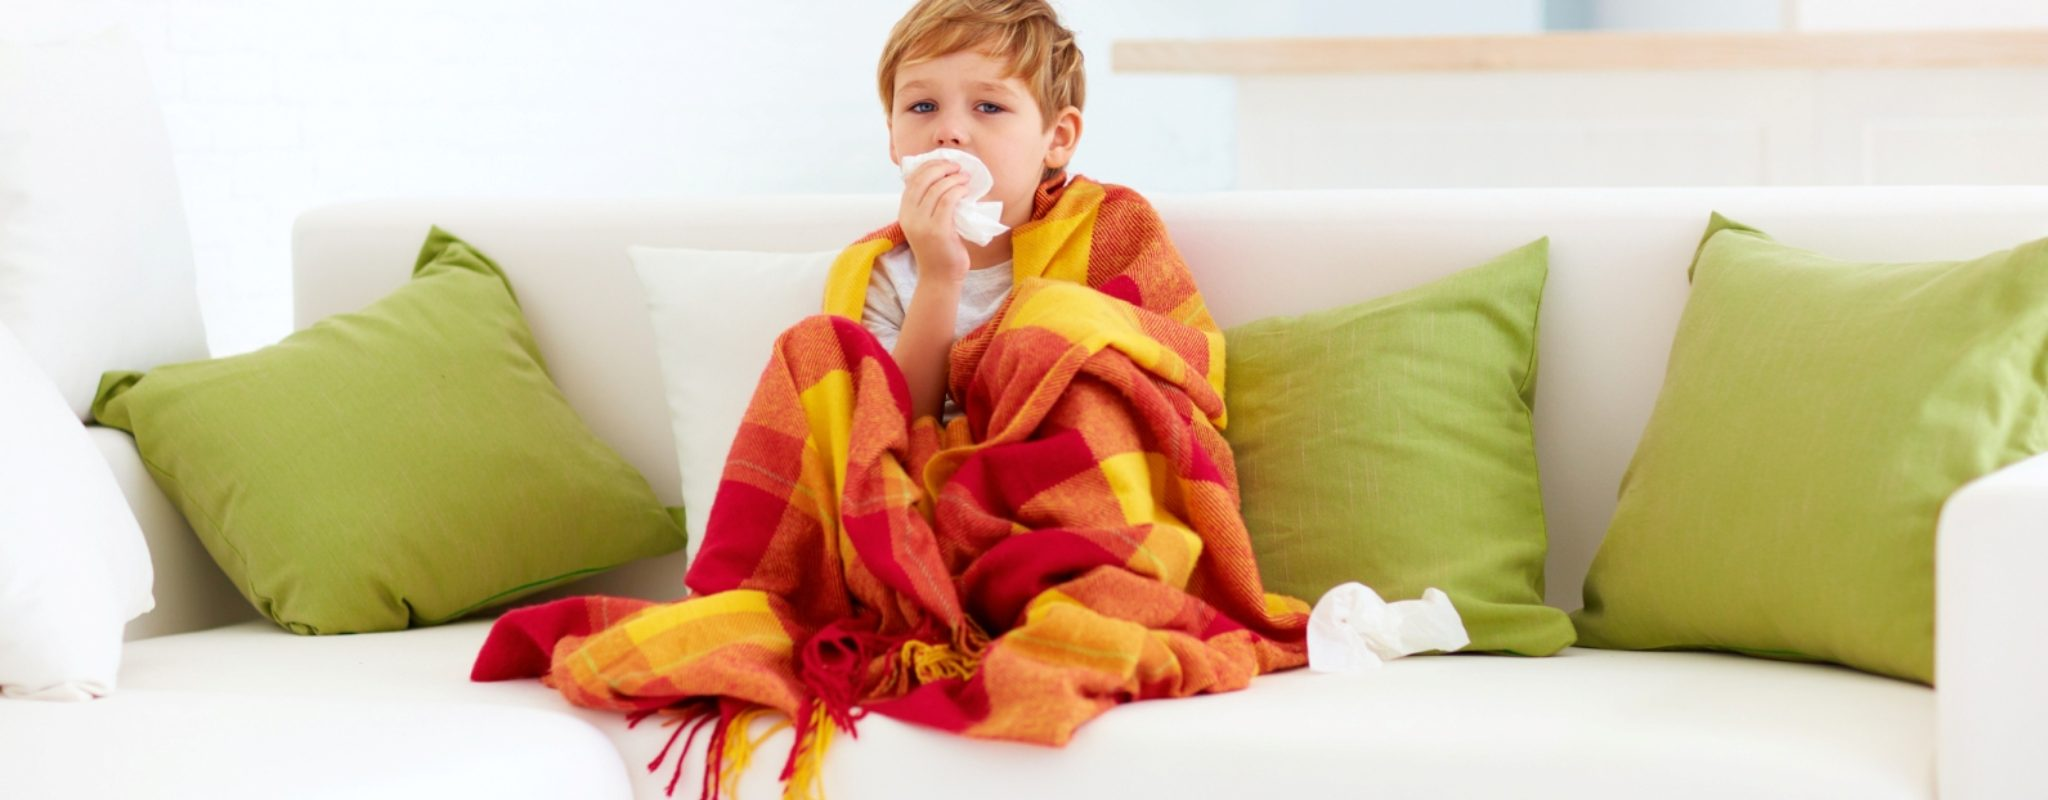 7 Flu Myths, Debunked